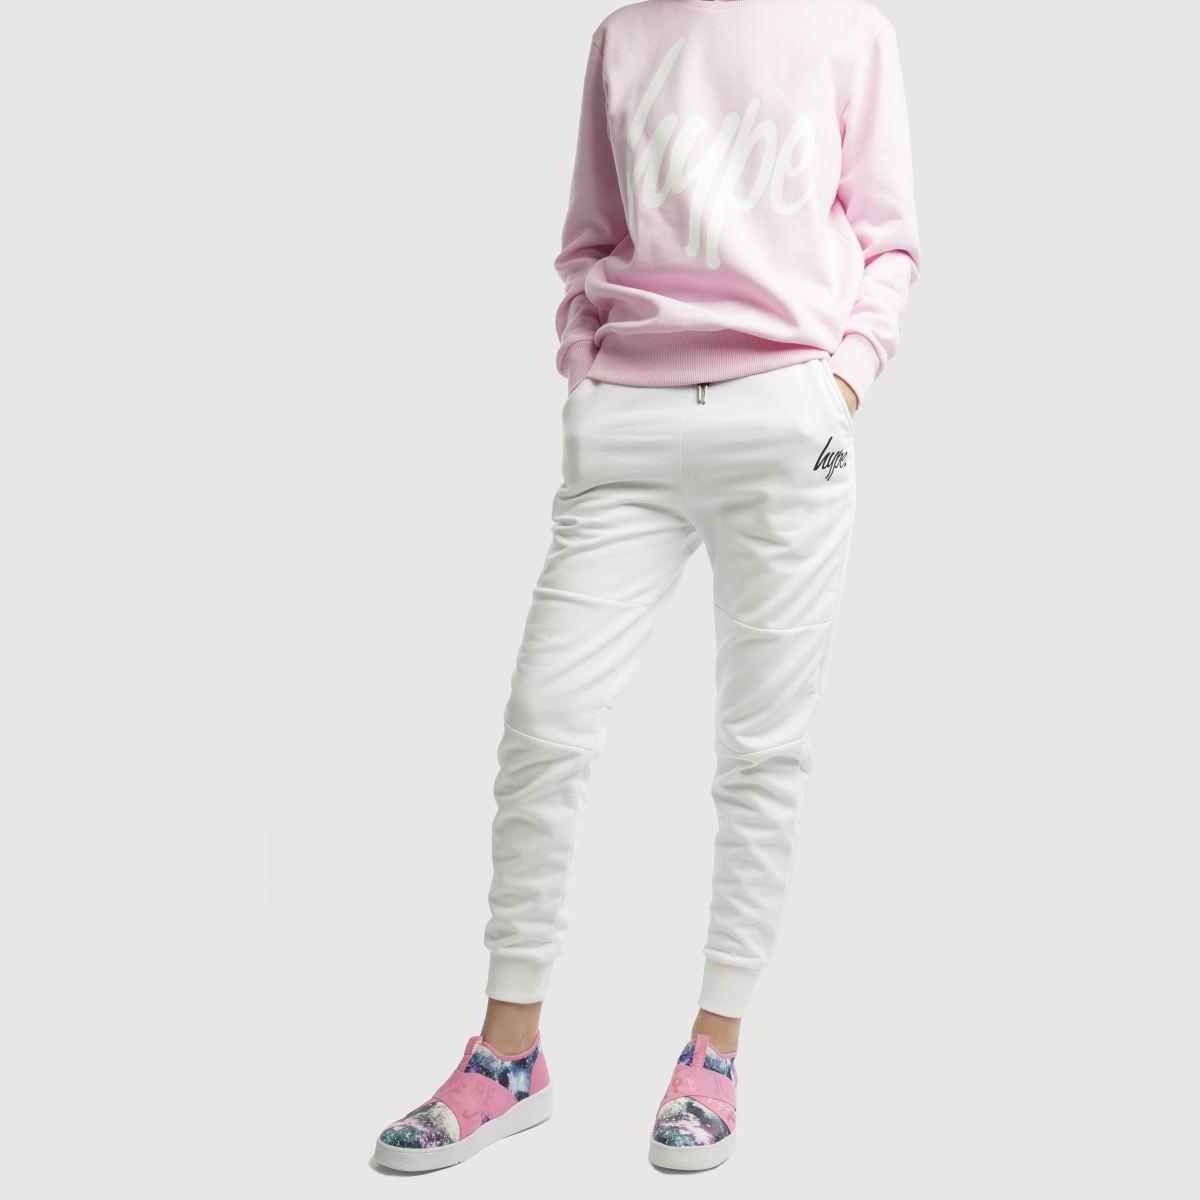 Damen schuh Rosa hype Space Cup Sneaker | schuh Damen Gute Qualität beliebte Schuhe 7ca135